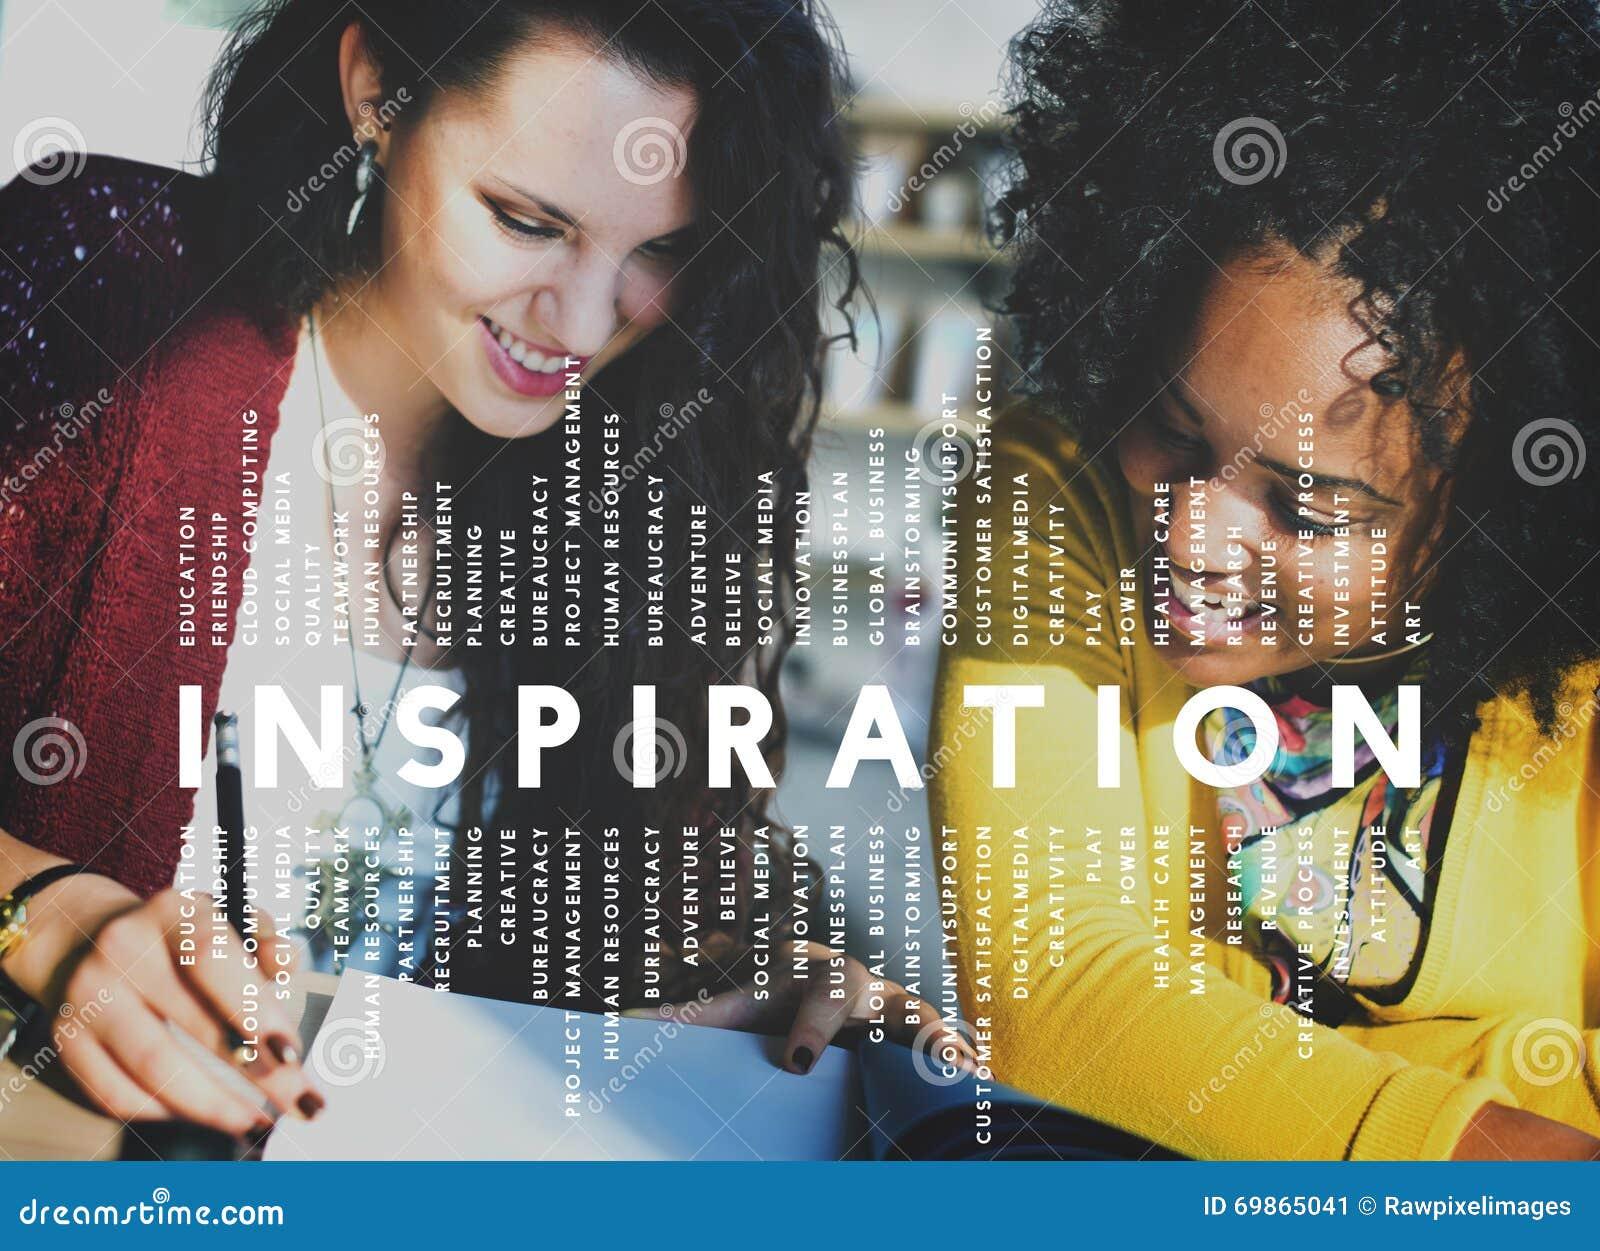 Η φαντασία φιλοδοξίας έμπνευσης εμπνέει την έννοια ονείρου